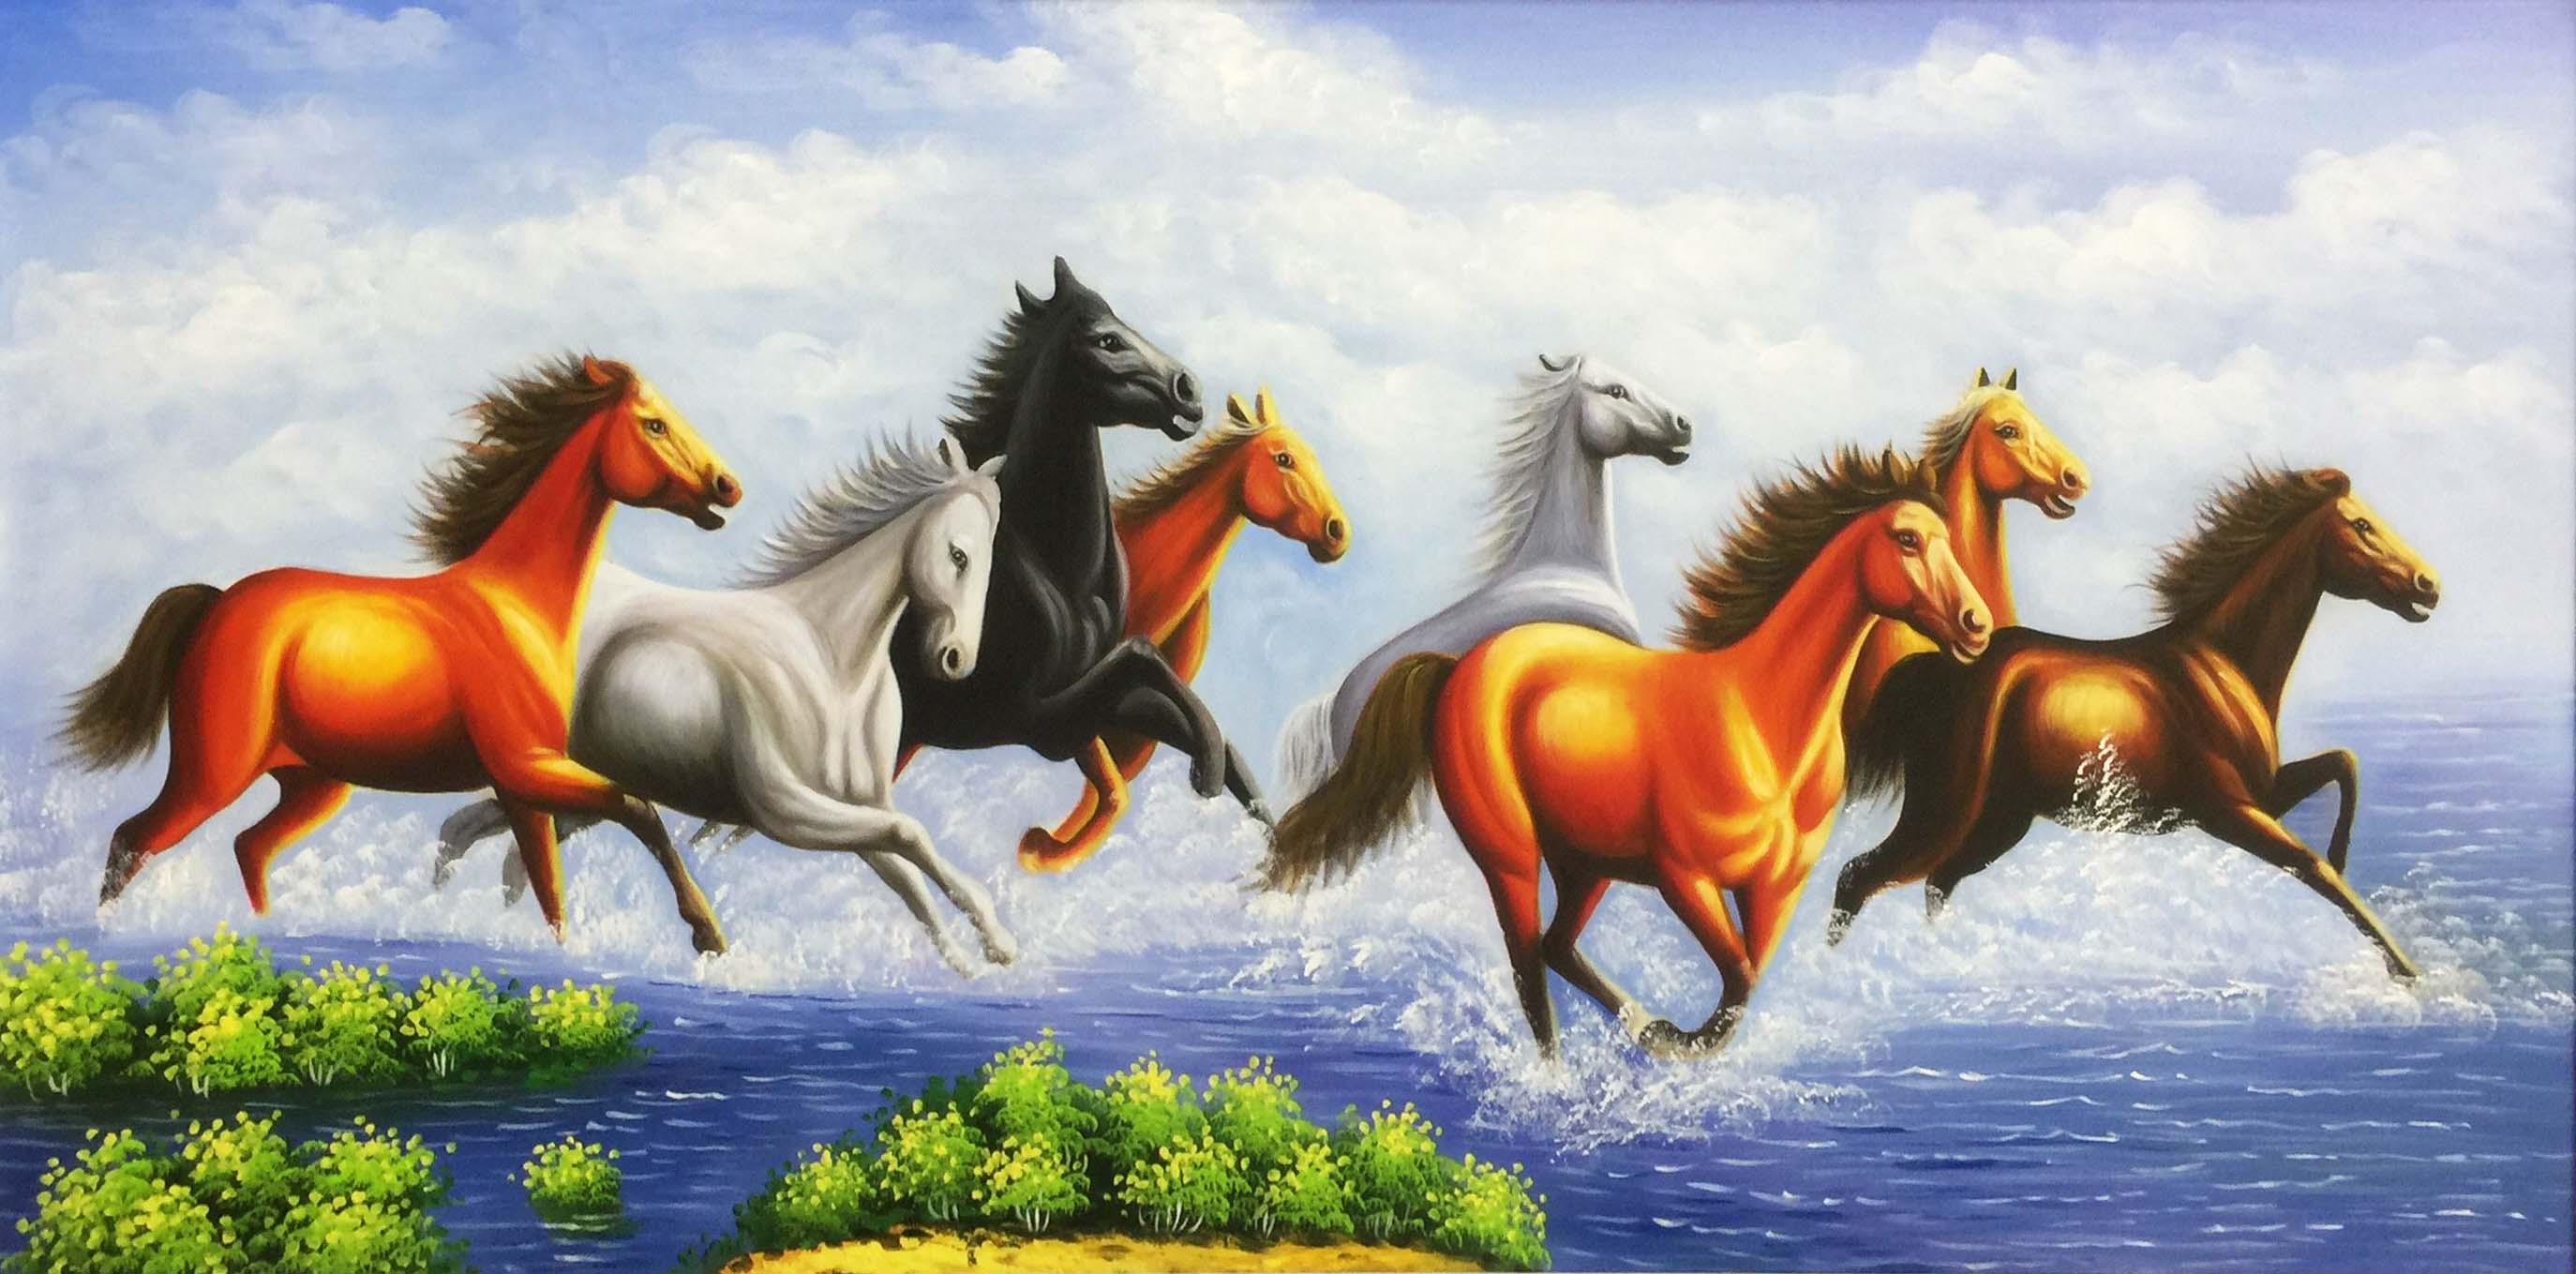 tranh ngựa mã đáo thành công chạy qua sông